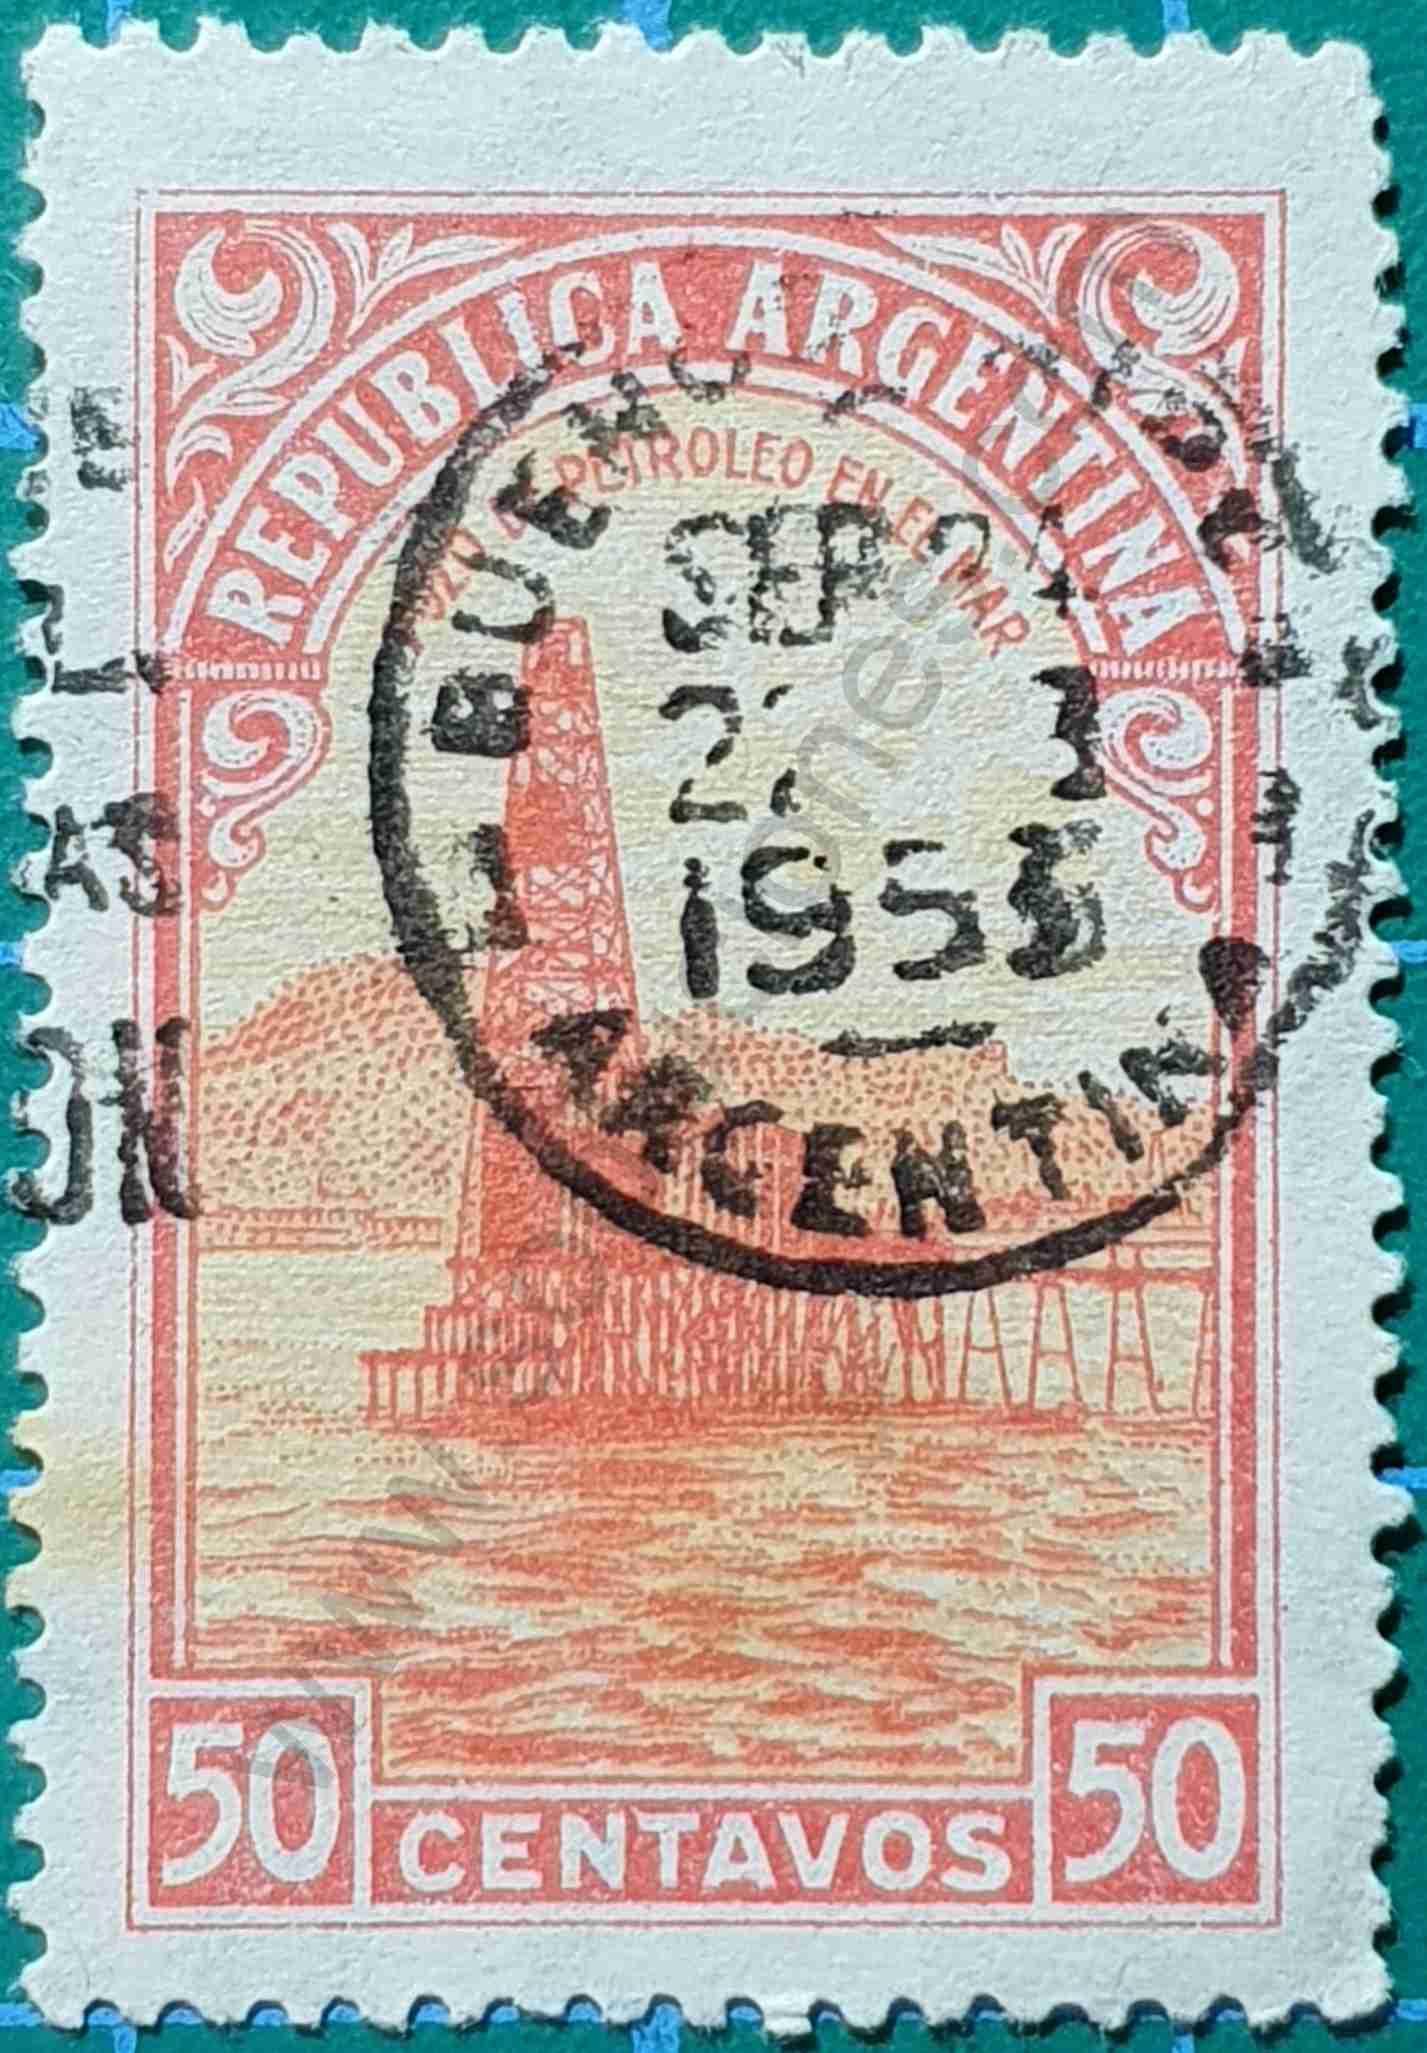 Pozo de petróleo en el mar - Sello Argentina 1952